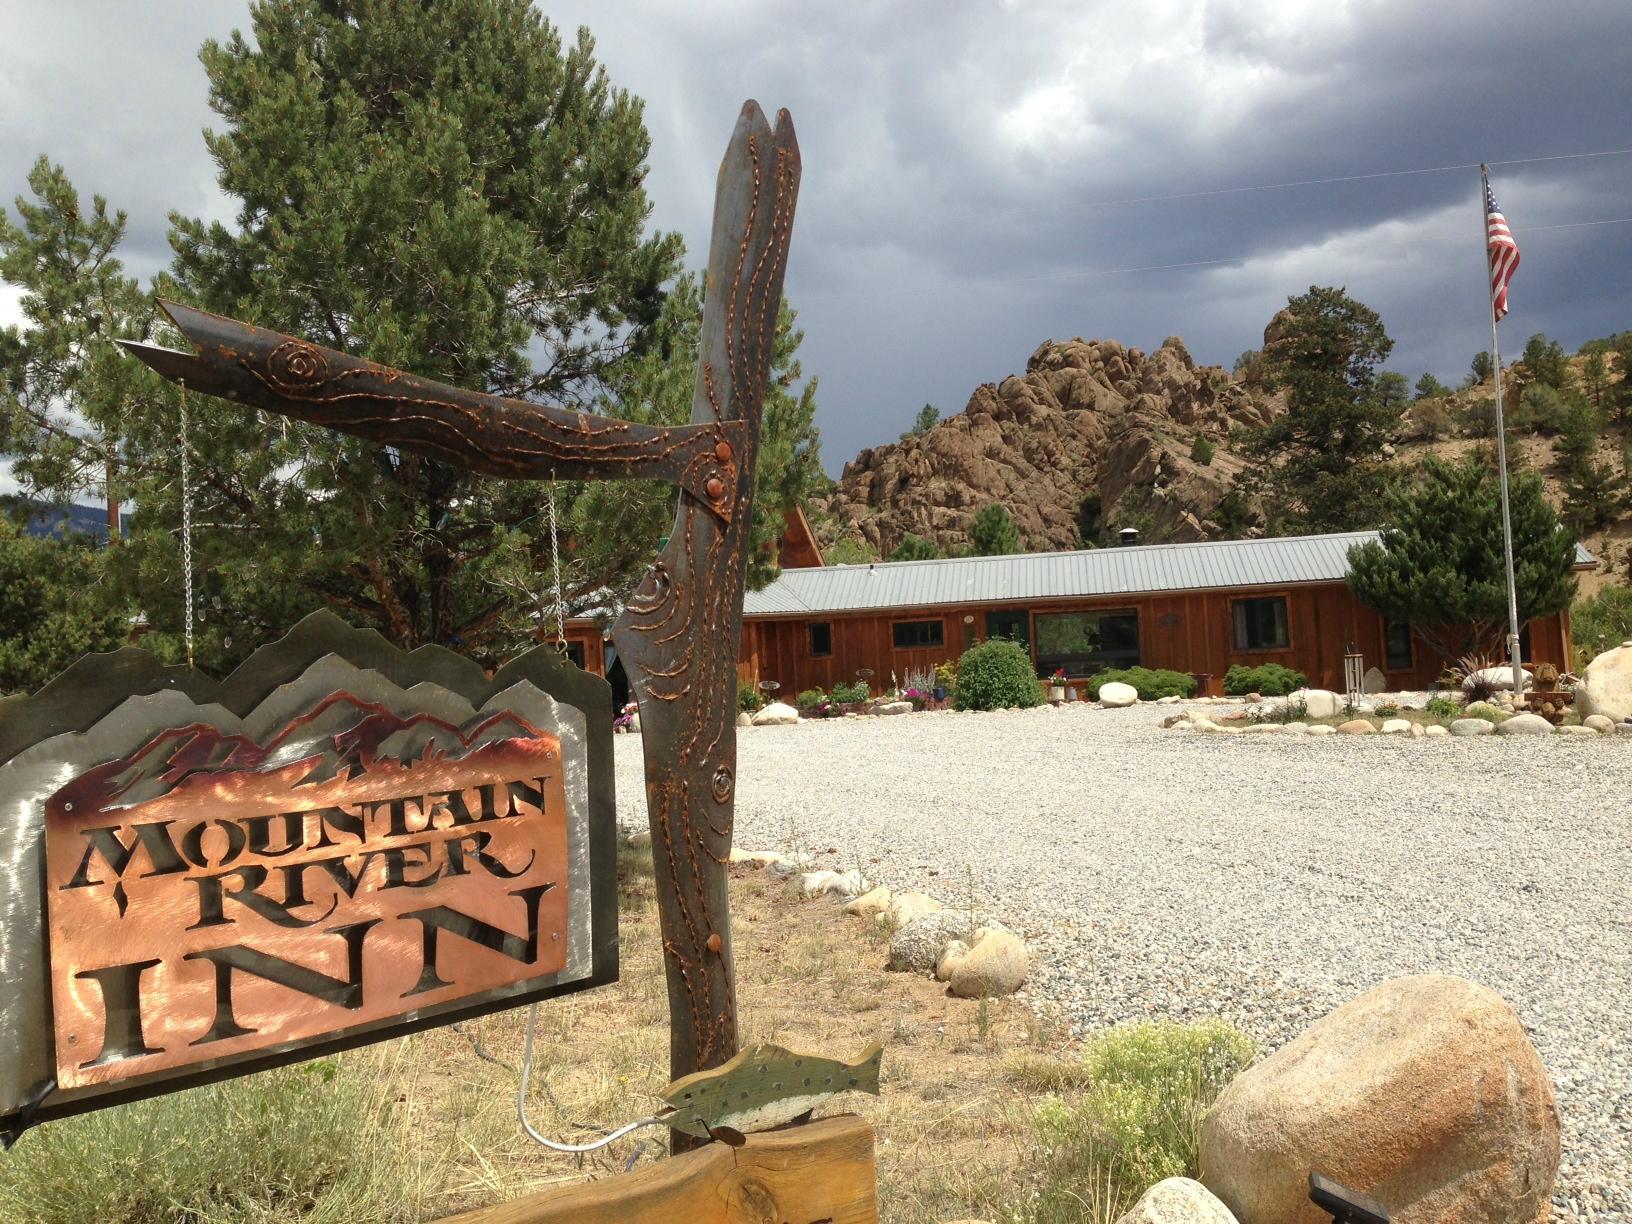 image of mountain river inn